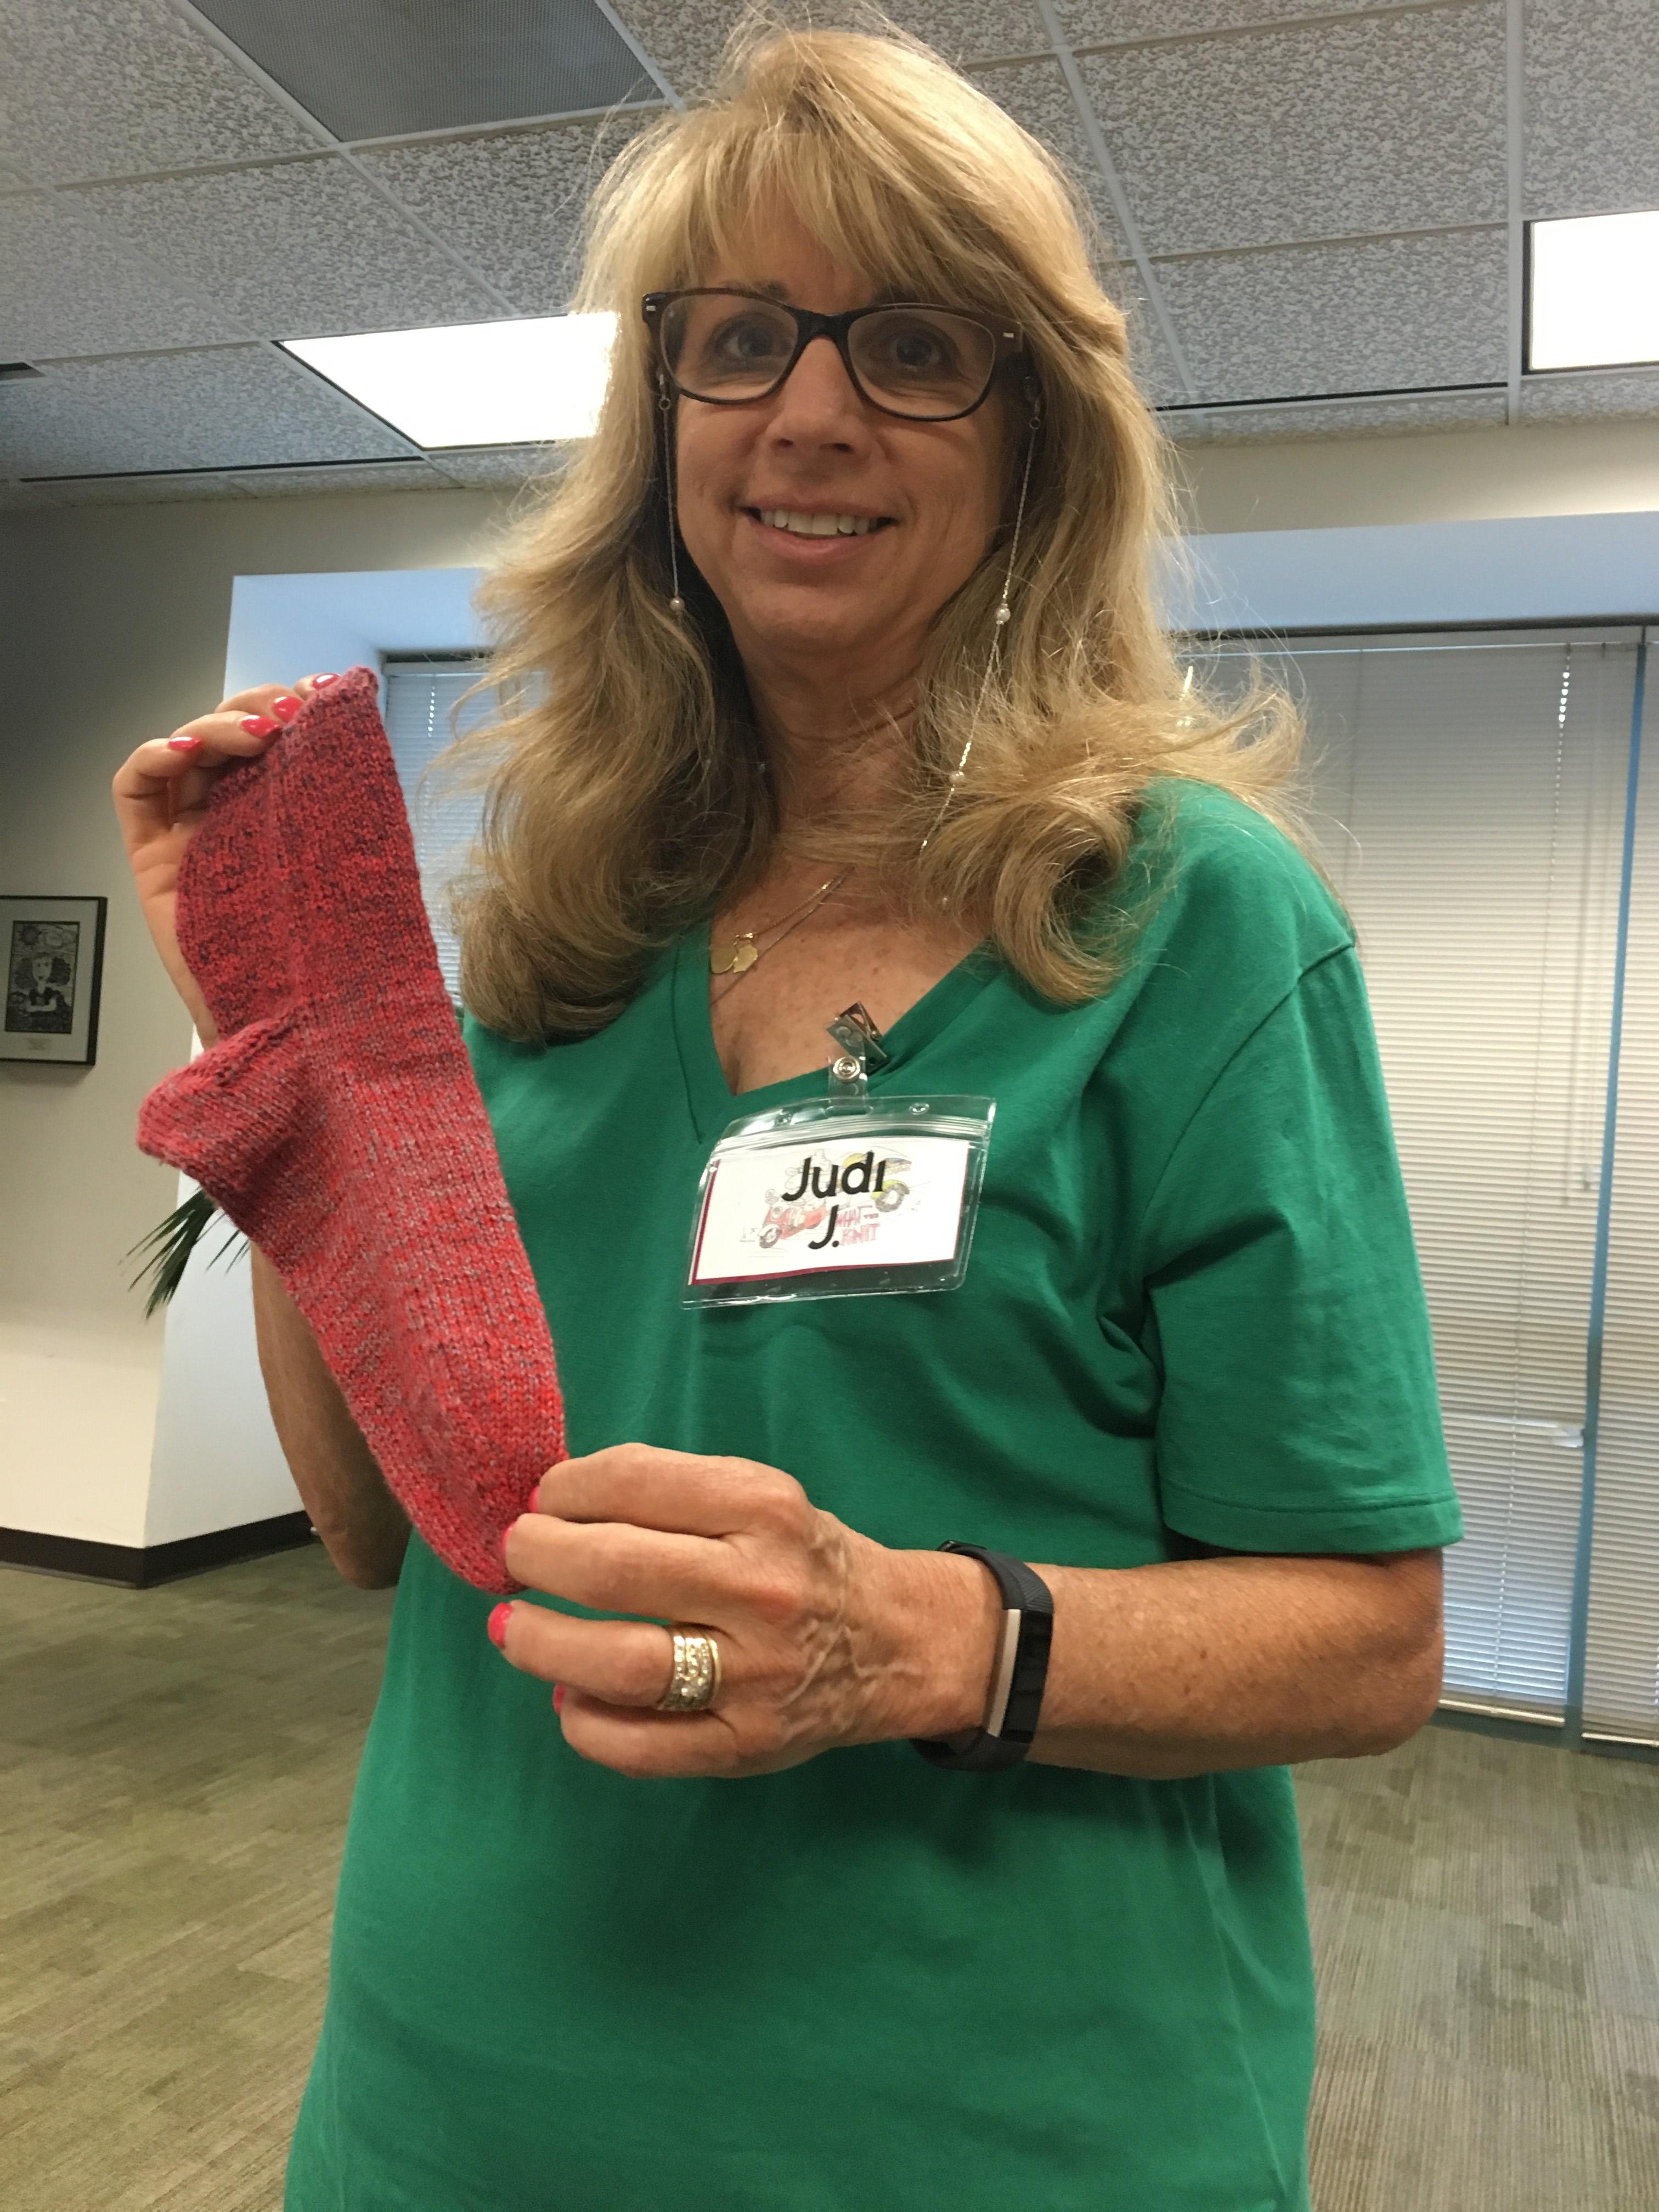 judi's sock